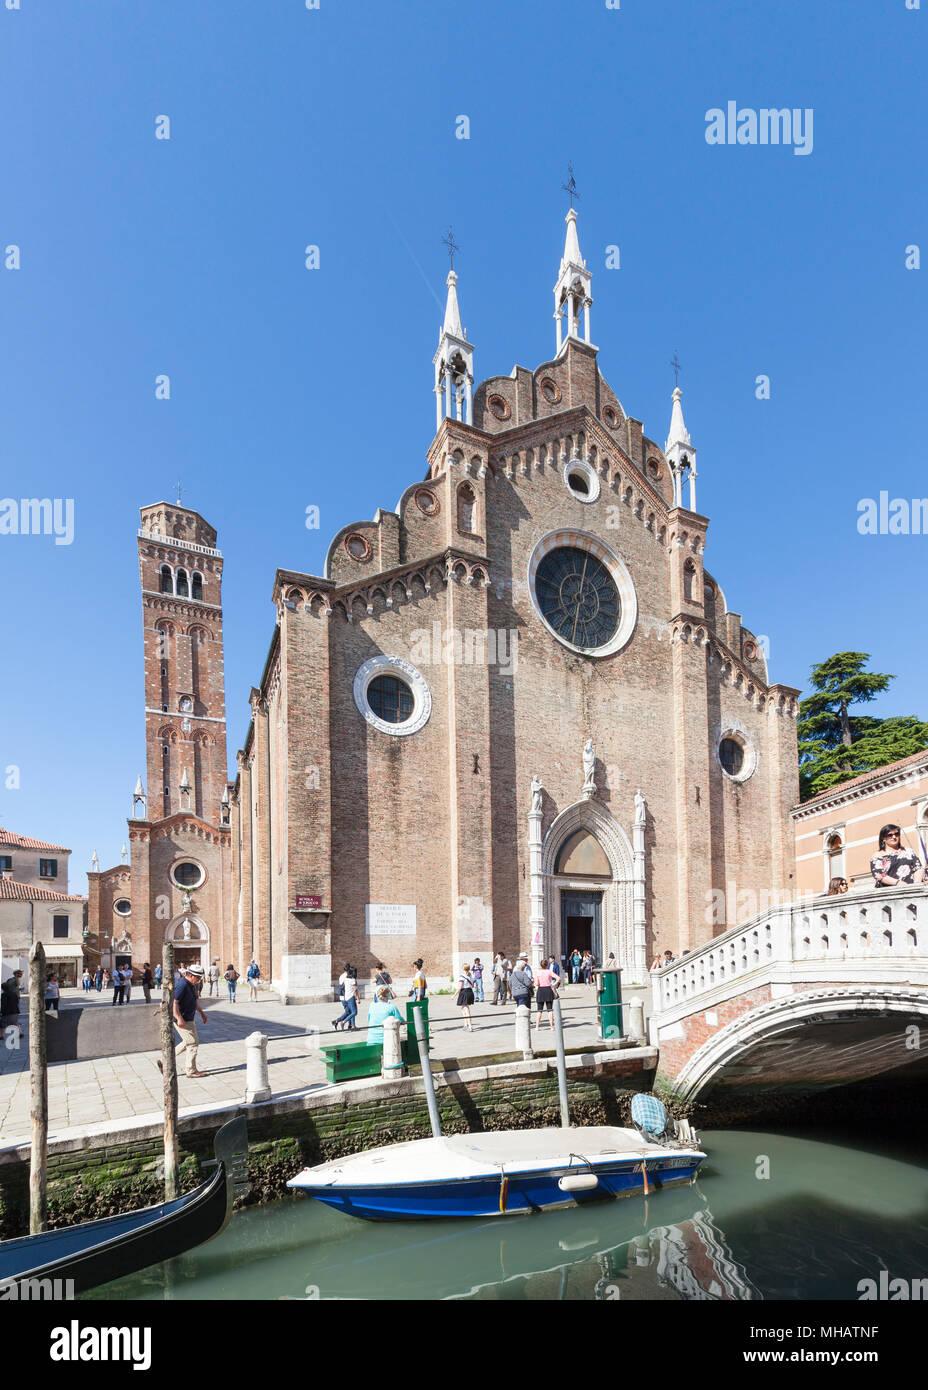 Basilica di Santa Maria Gloriosa dei Frari, Campo dei Frari, San Polo, Venice, Veneto, Italy with reflections and a boat in the canal. Tourists in cam - Stock Image